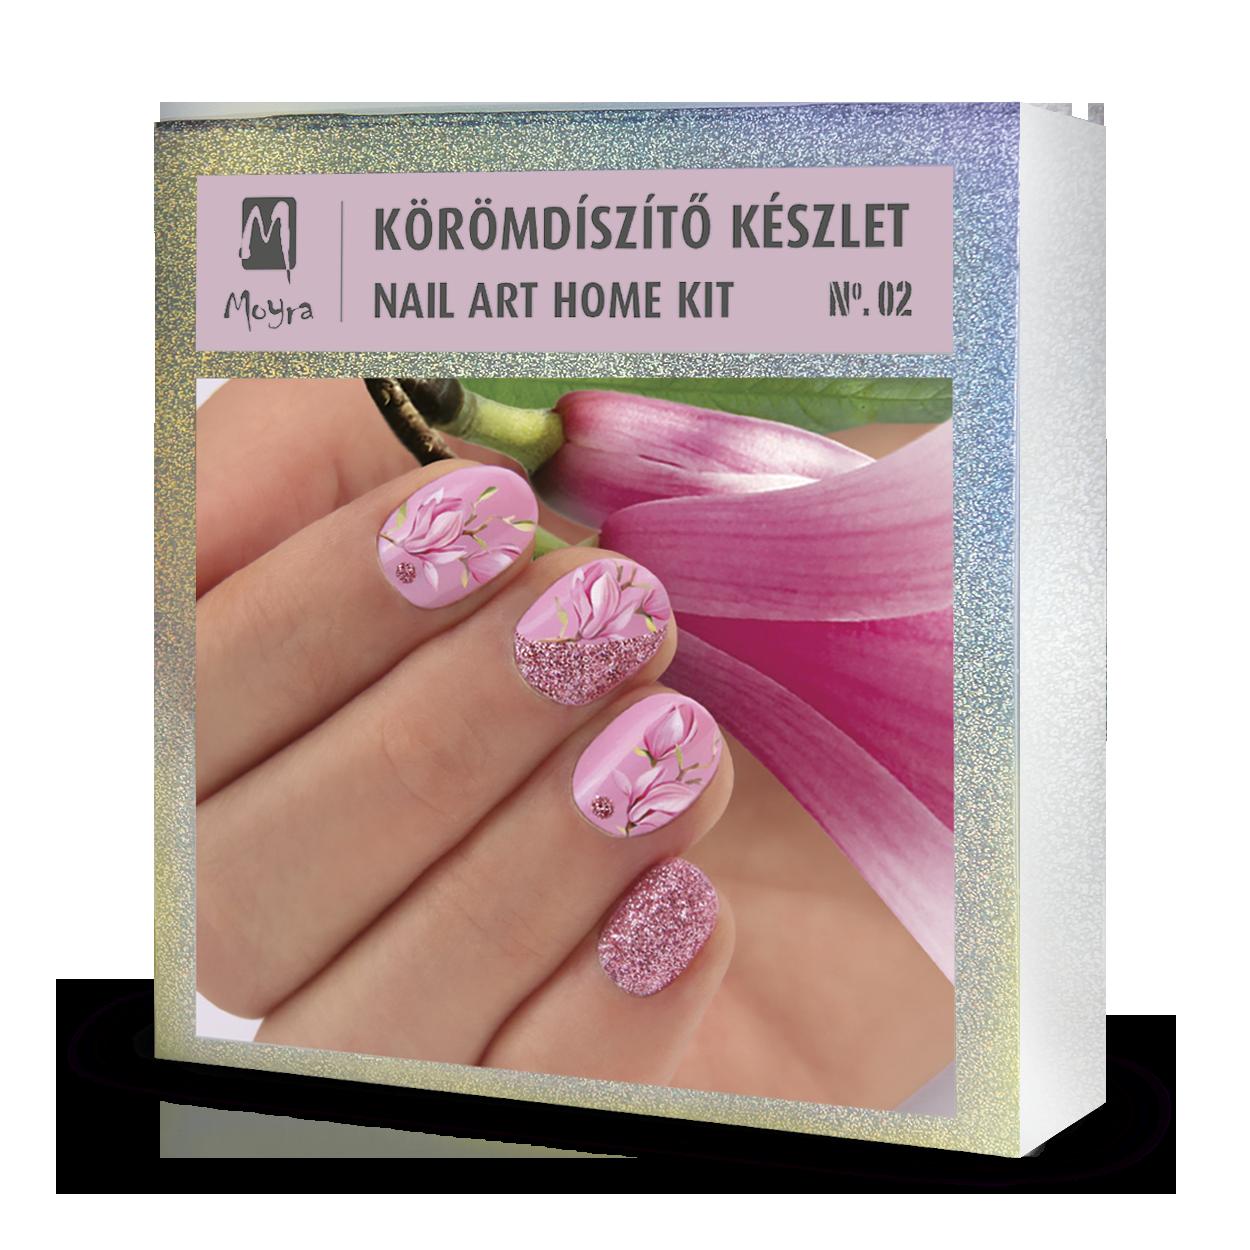 Nail art home kit No. 02